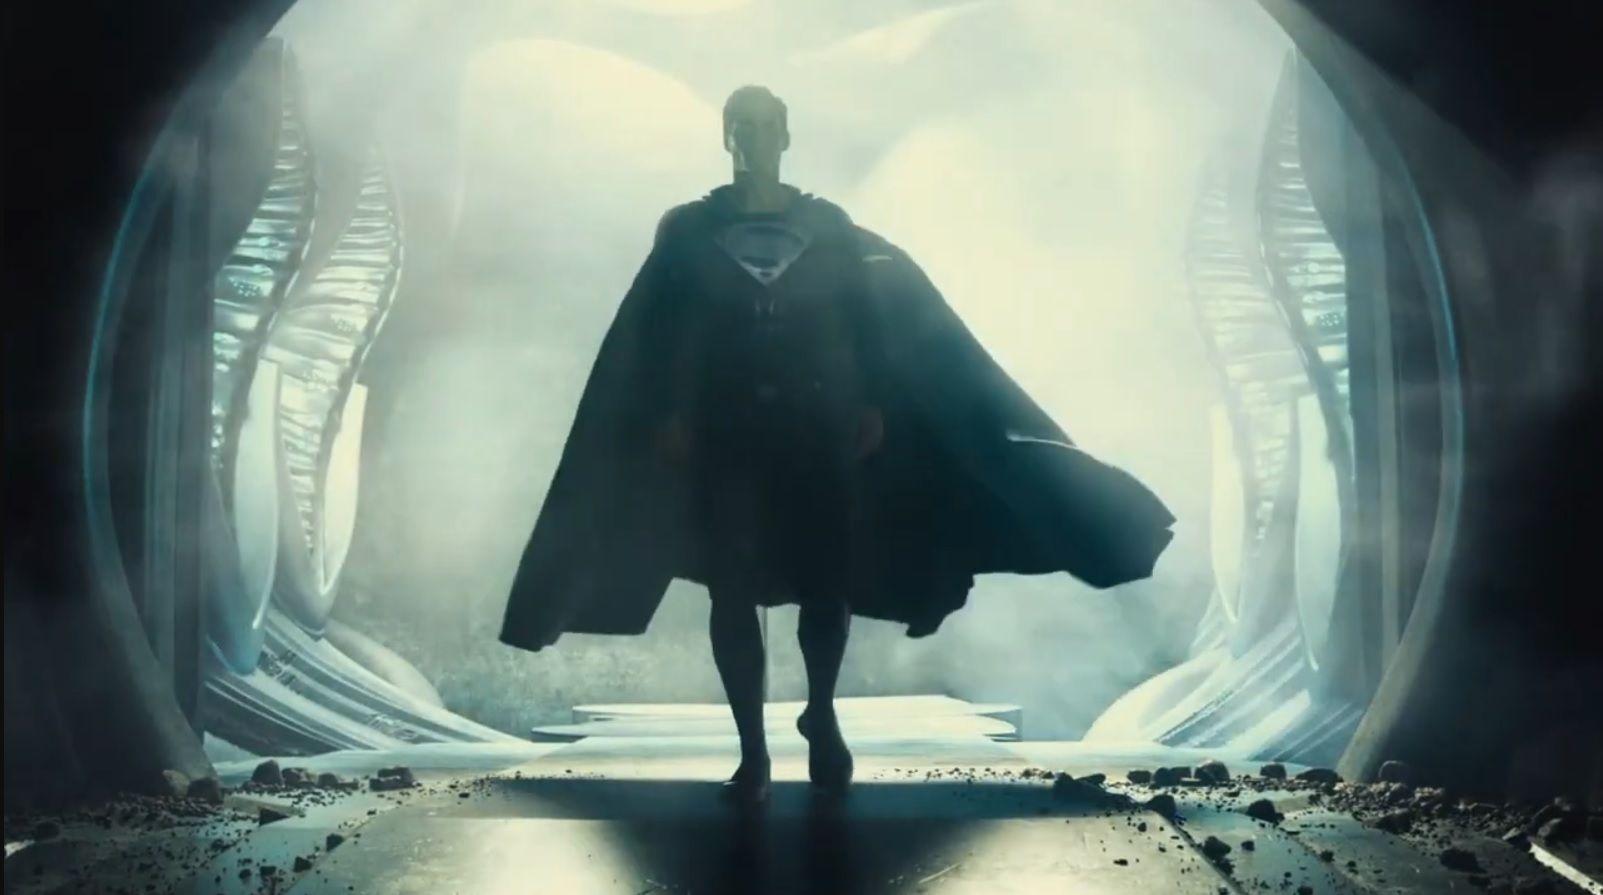 Кажется, СМИ раскрыли секретное камео в режиссерской версии «Лиги справедливости»